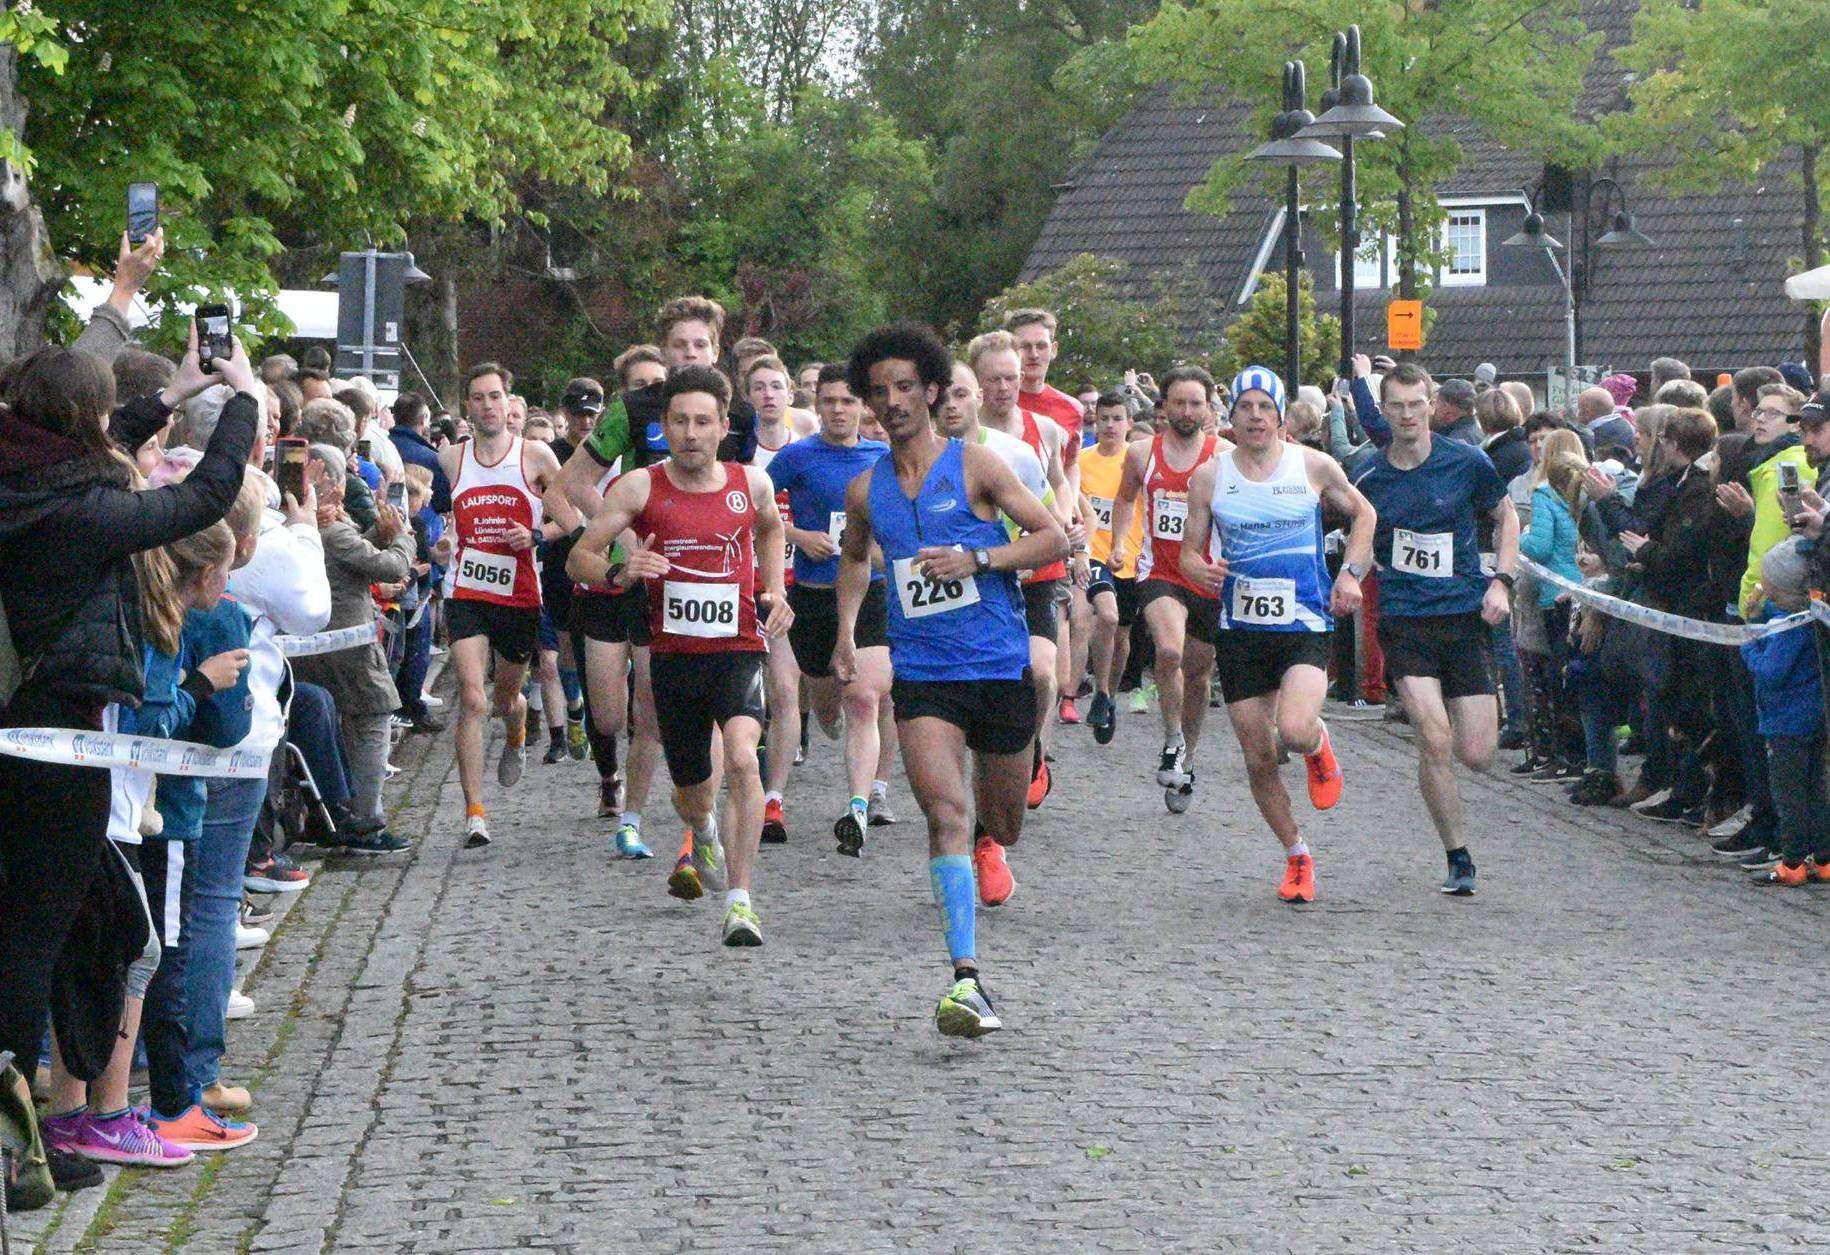 Früh lief Brhane Tsegay (vorne, Mitte) sich frei. Das zahlte sich aus, denn in der Konkurrenz um fünf Kilometer beim Sottrumer Abendlauf kam er als Erster durchs Ziel.